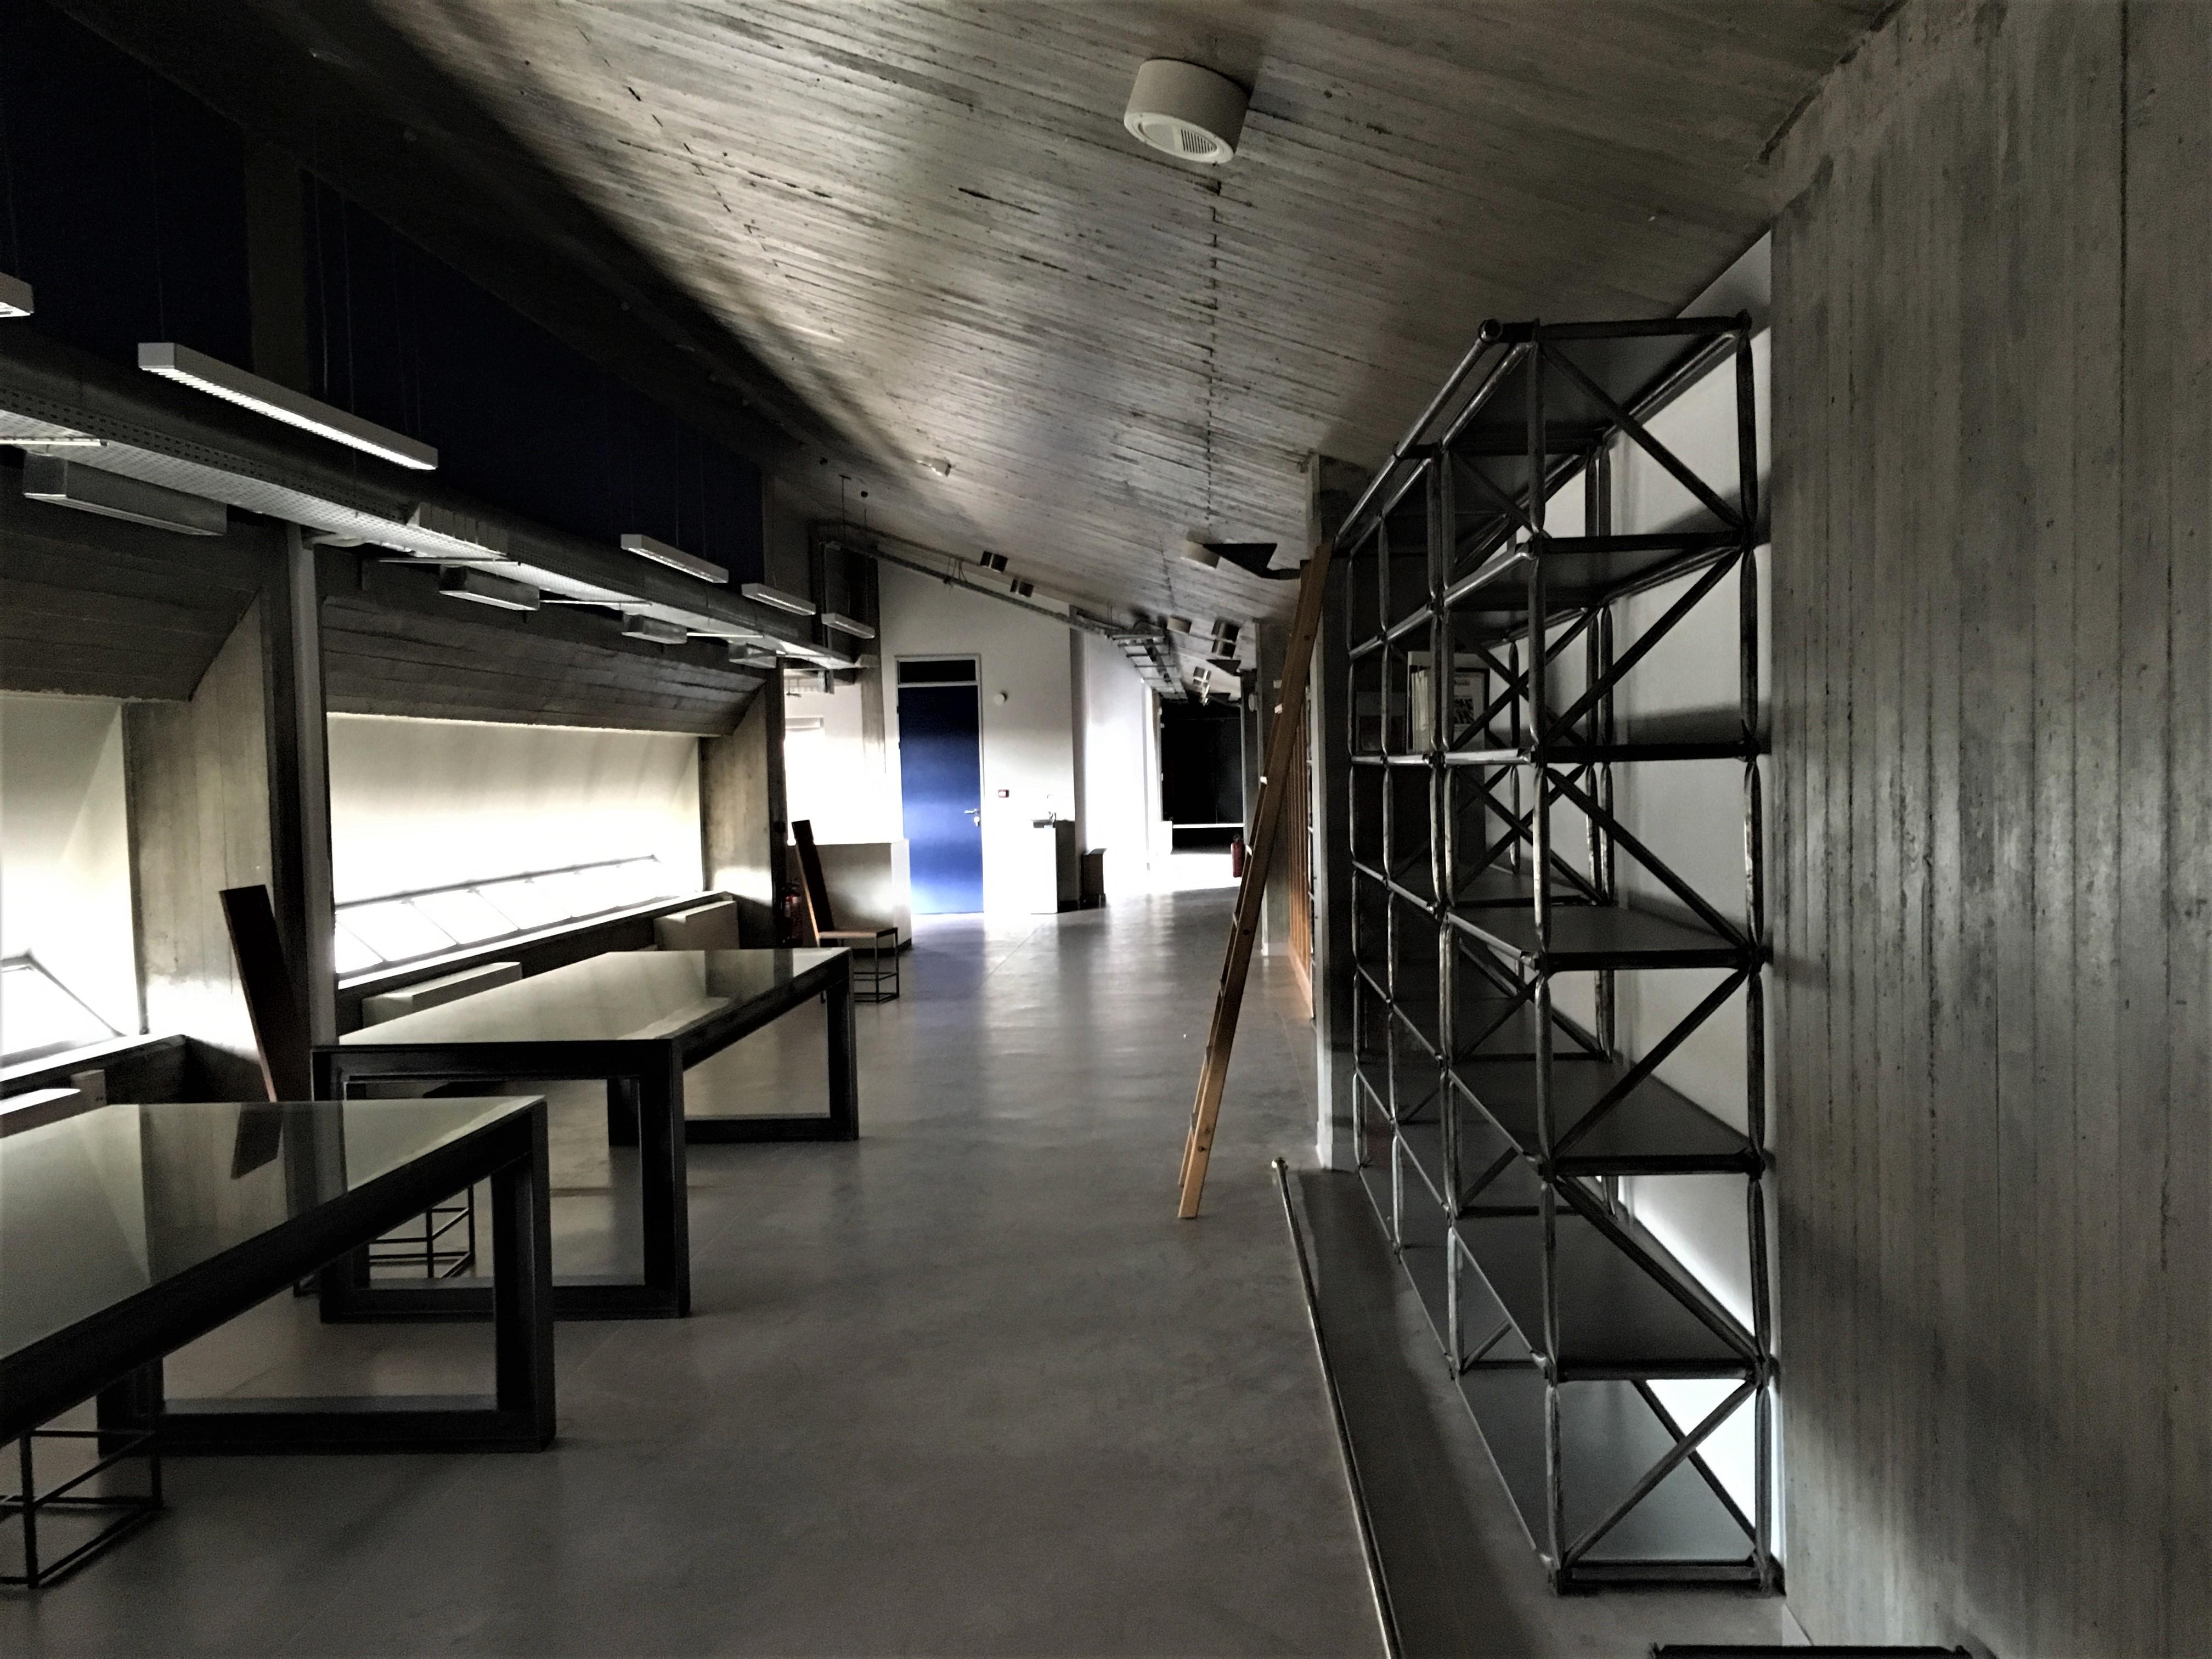 Ο χώρος όπου θα στεγαστεί η βιβλιοθήκη του Χρήστου Ιωακειμίδη